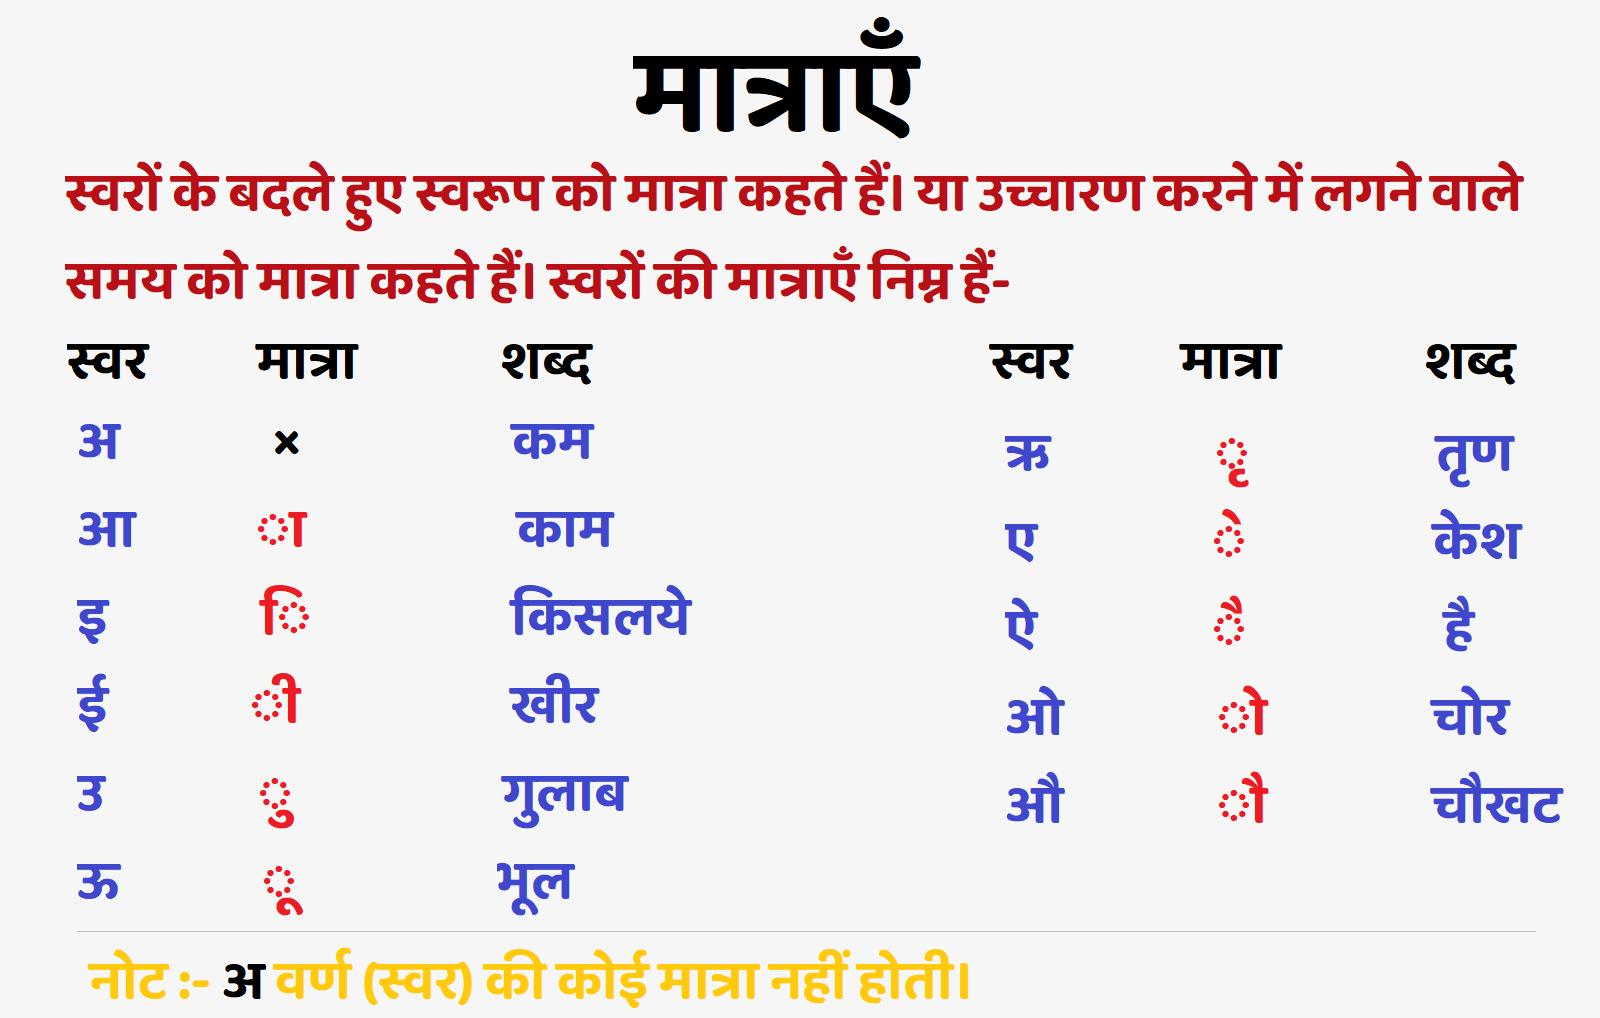 Hindi Ki Matra